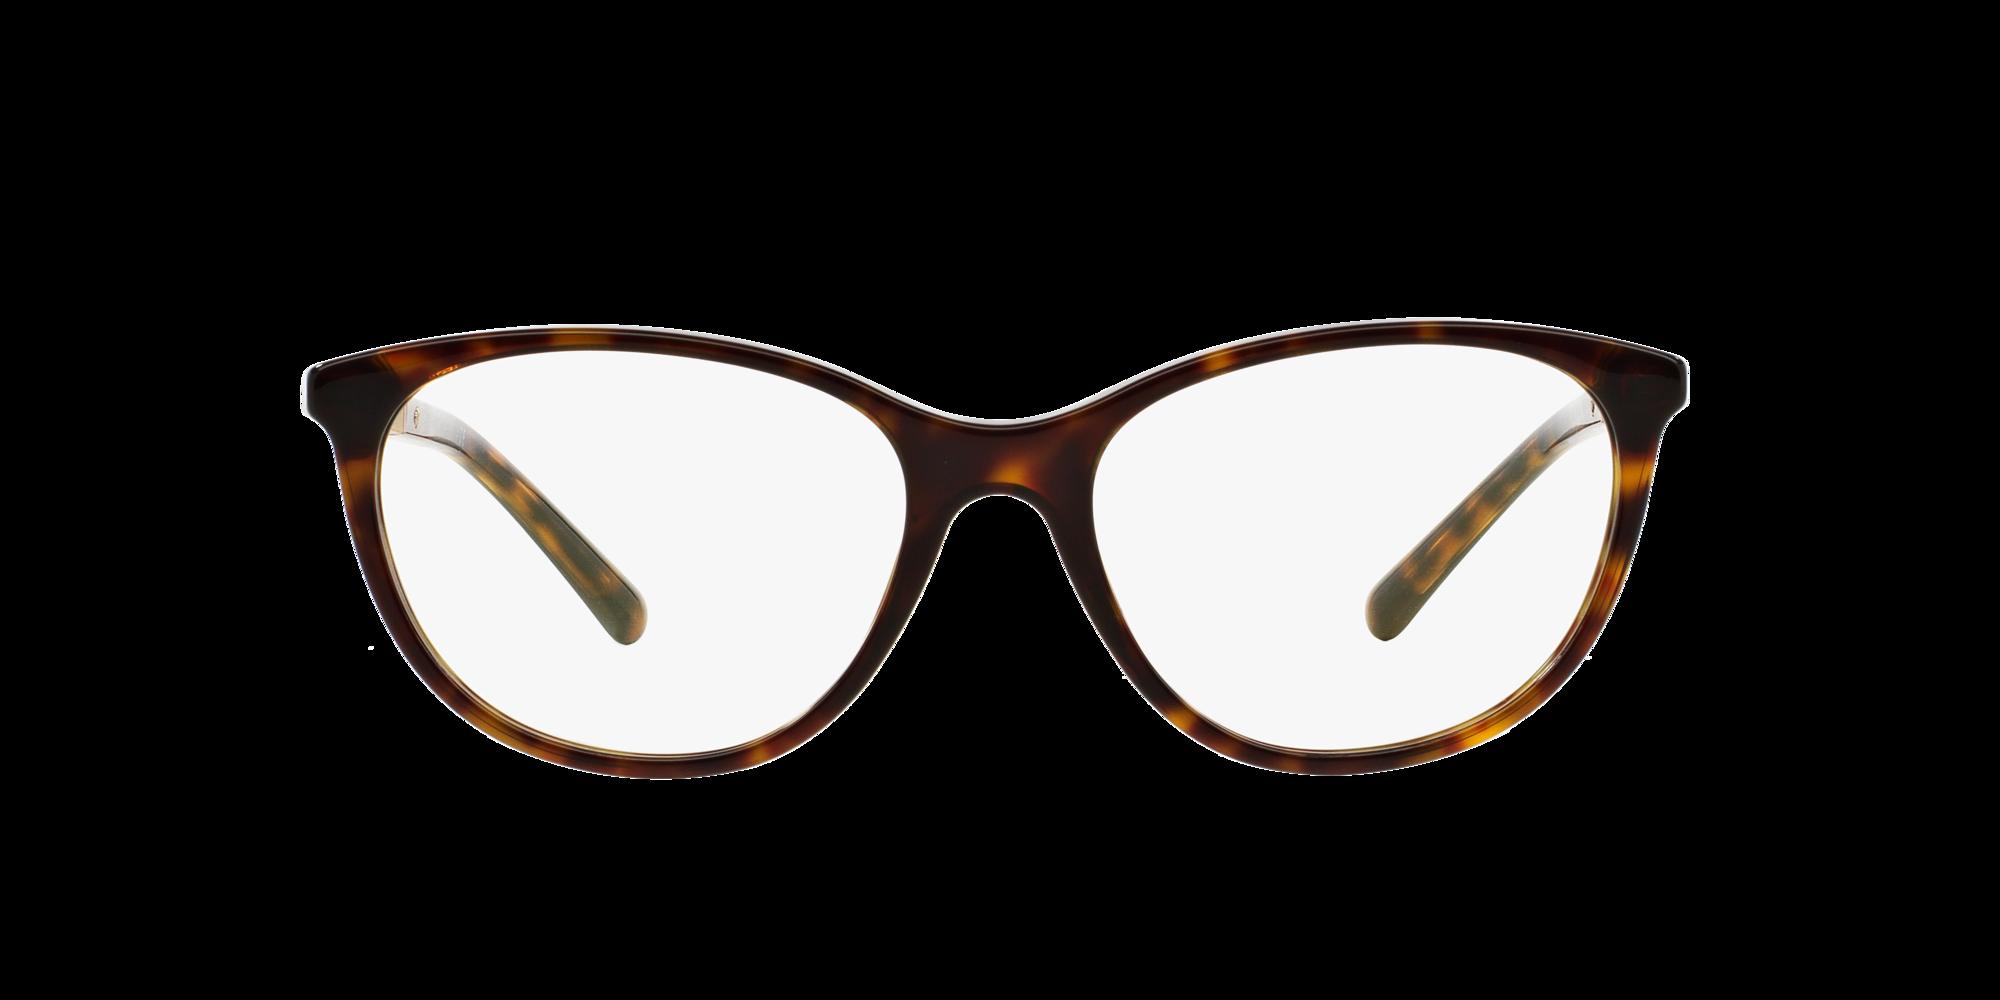 Imagen para BE2205 de LensCrafters |  Espejuelos, espejuelos graduados en línea, gafas